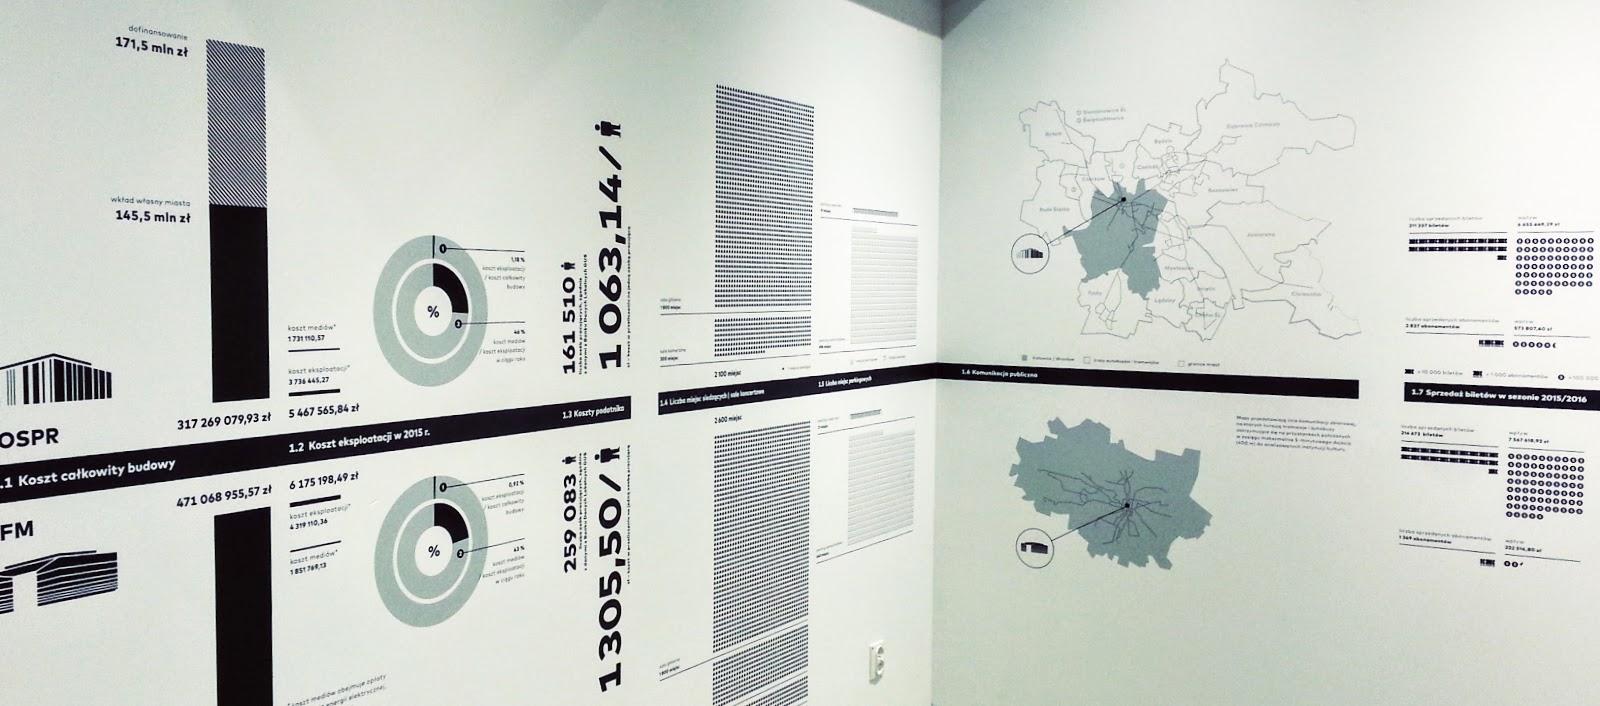 wystawa Koszty architektury